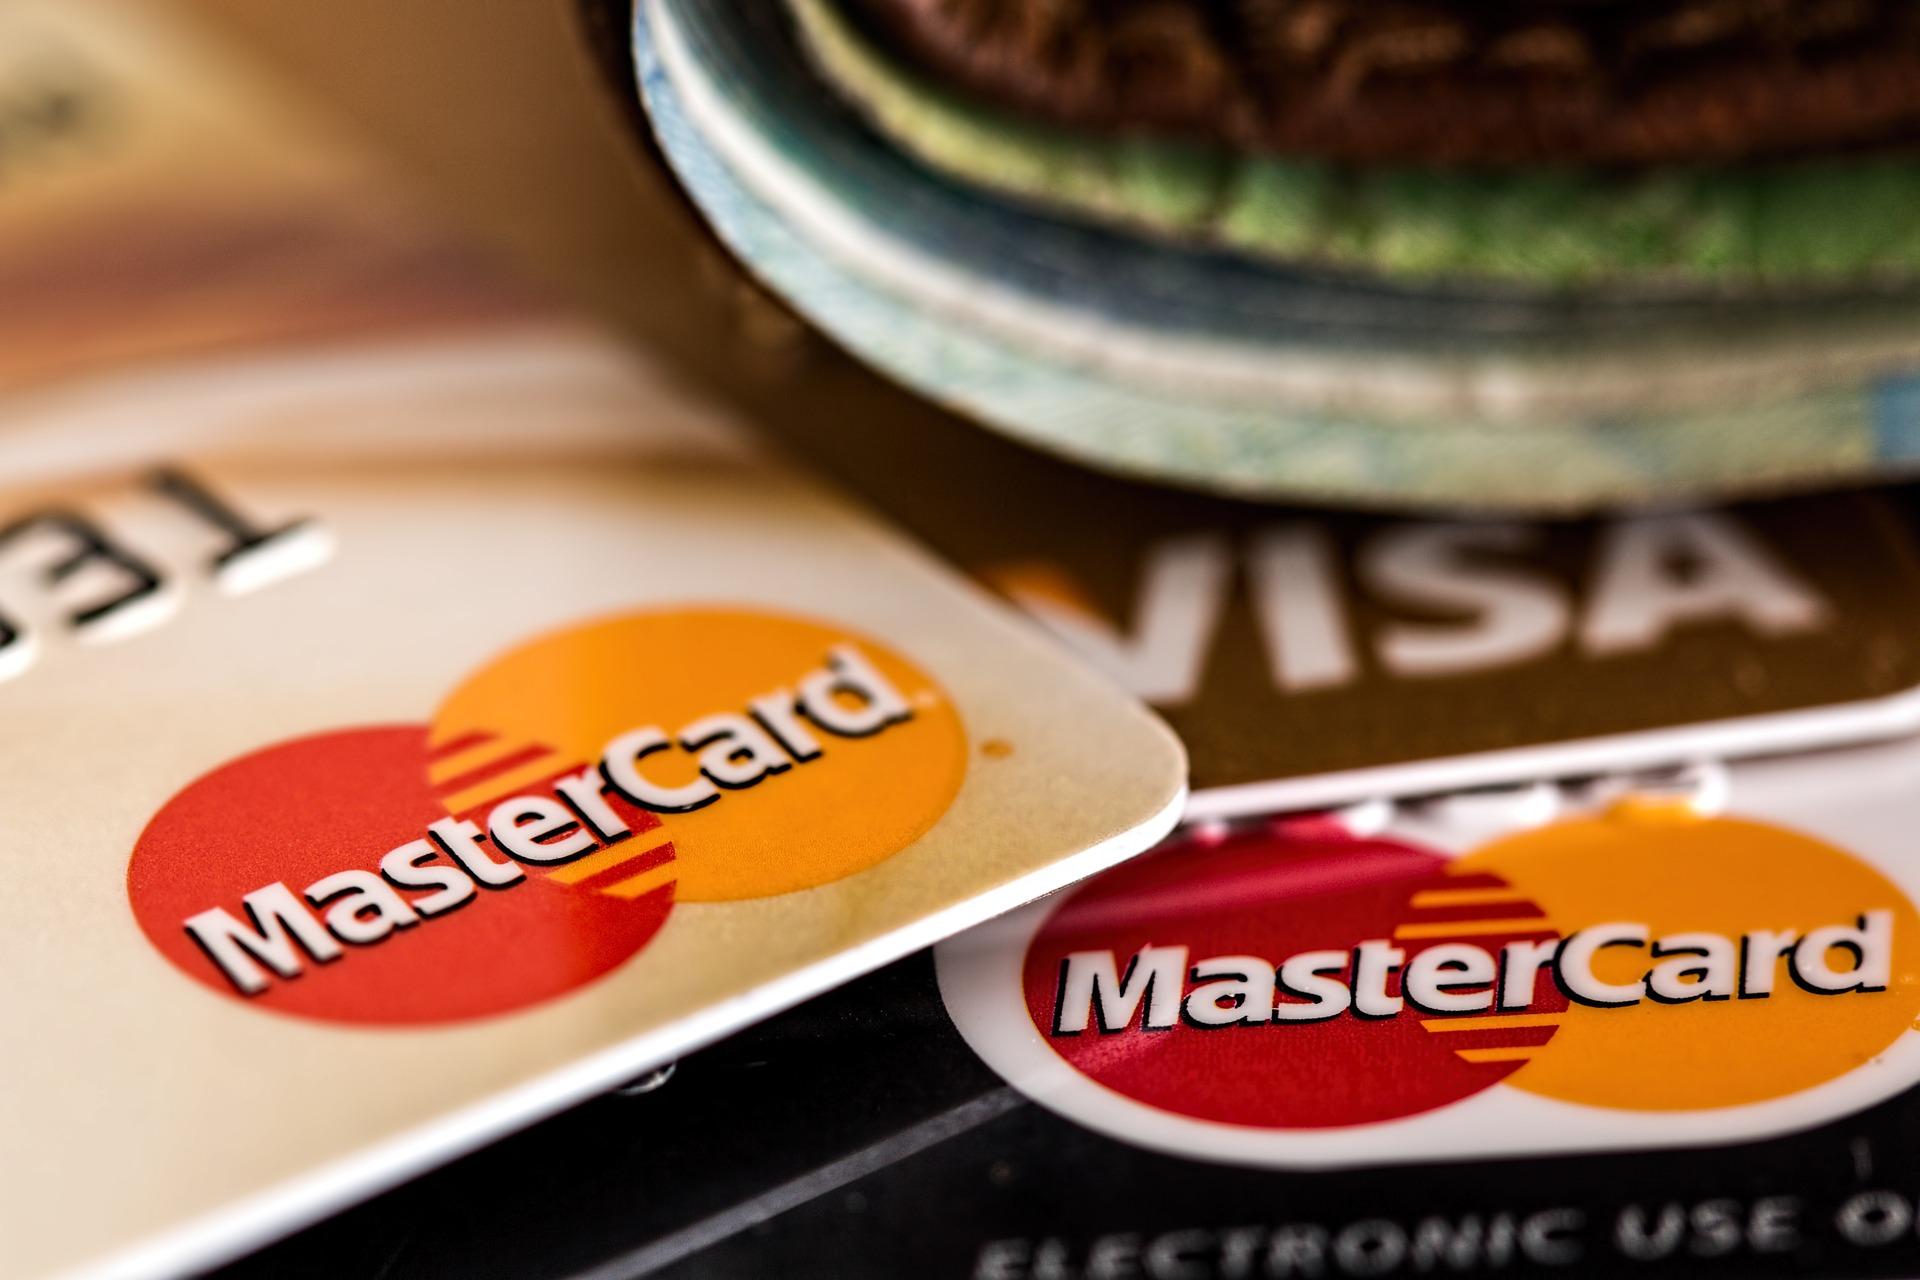 Imagem de cartões de crédito MasterCard e Visa